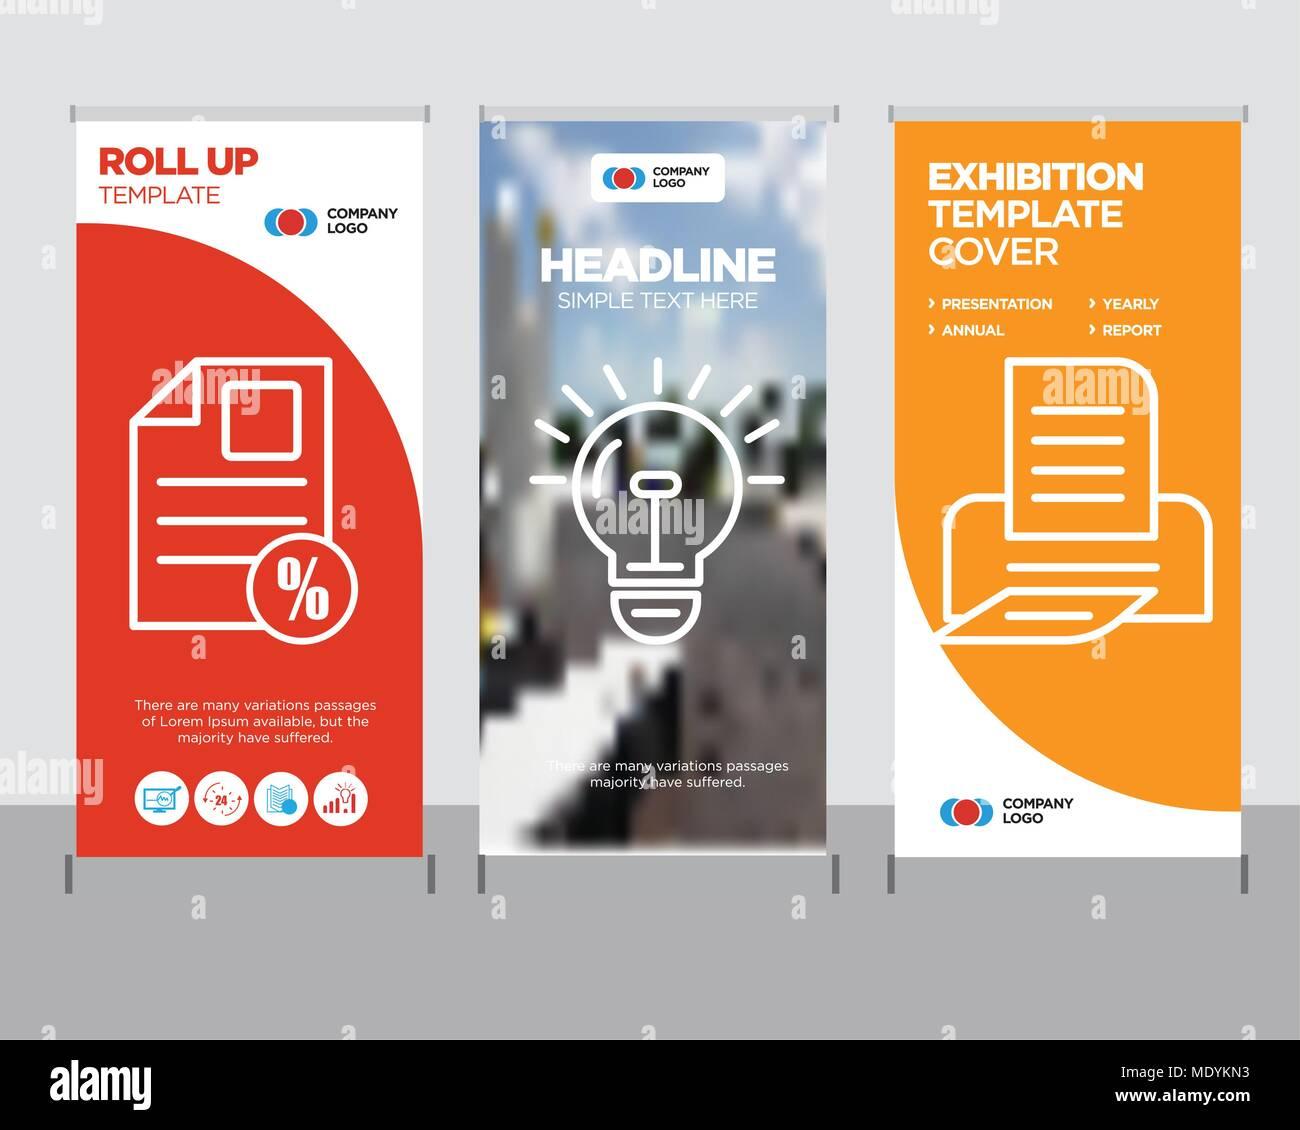 print modern business roll up banner design template, bulb creative ...